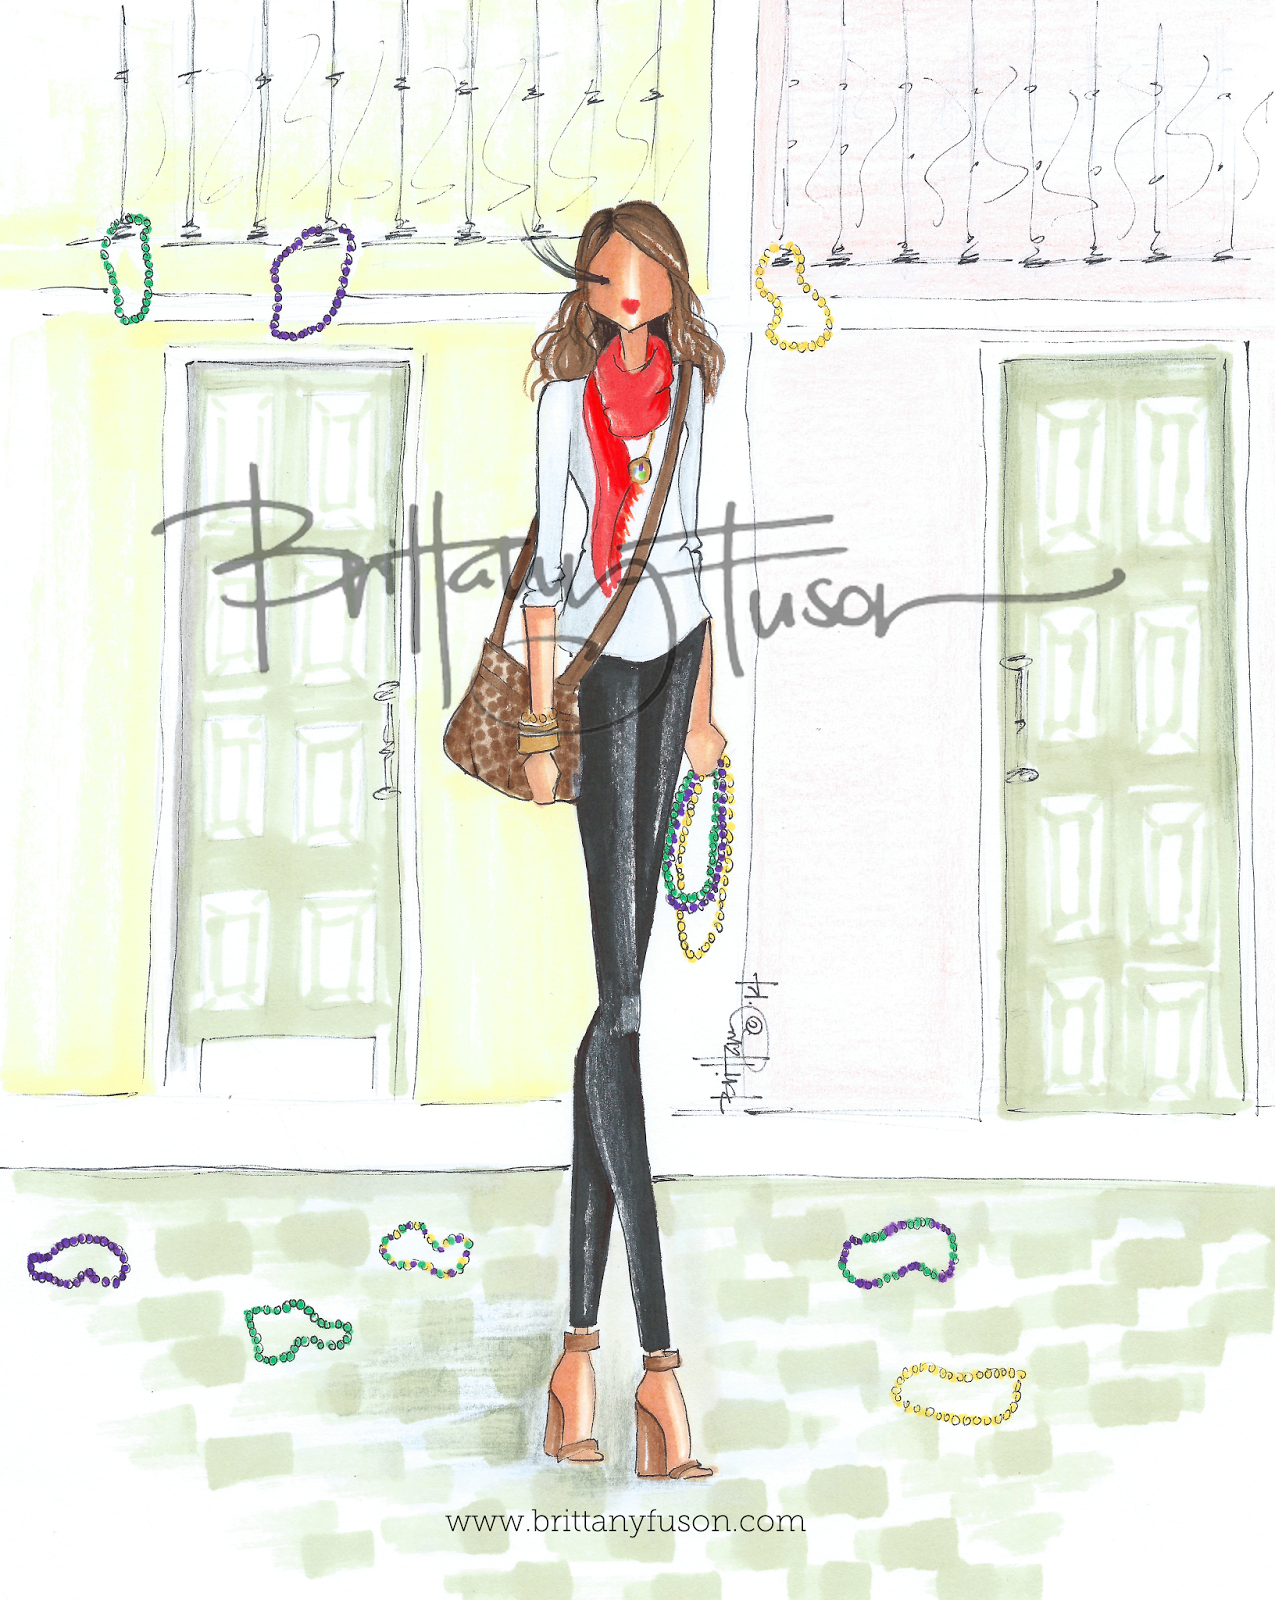 Custom Illustration | www.brittanyfuson.com